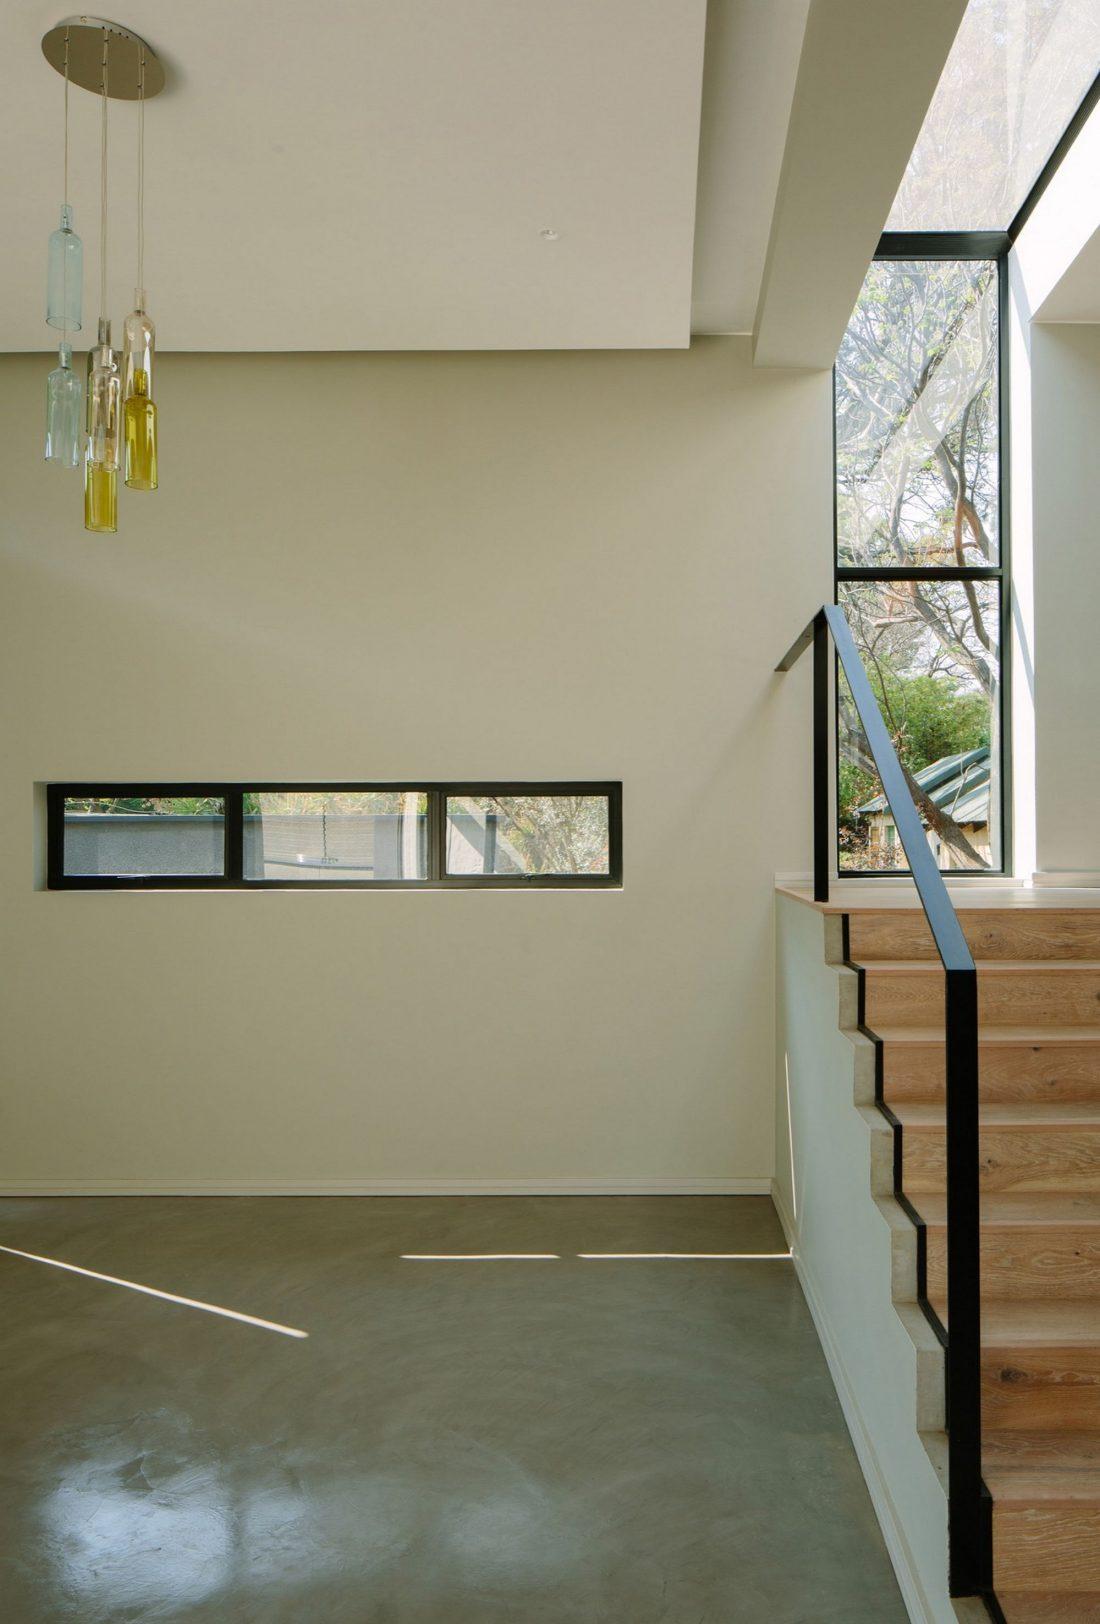 granitnyj-dom-komfortnoe-zhile-vysokaya-energoeffektivnost-10